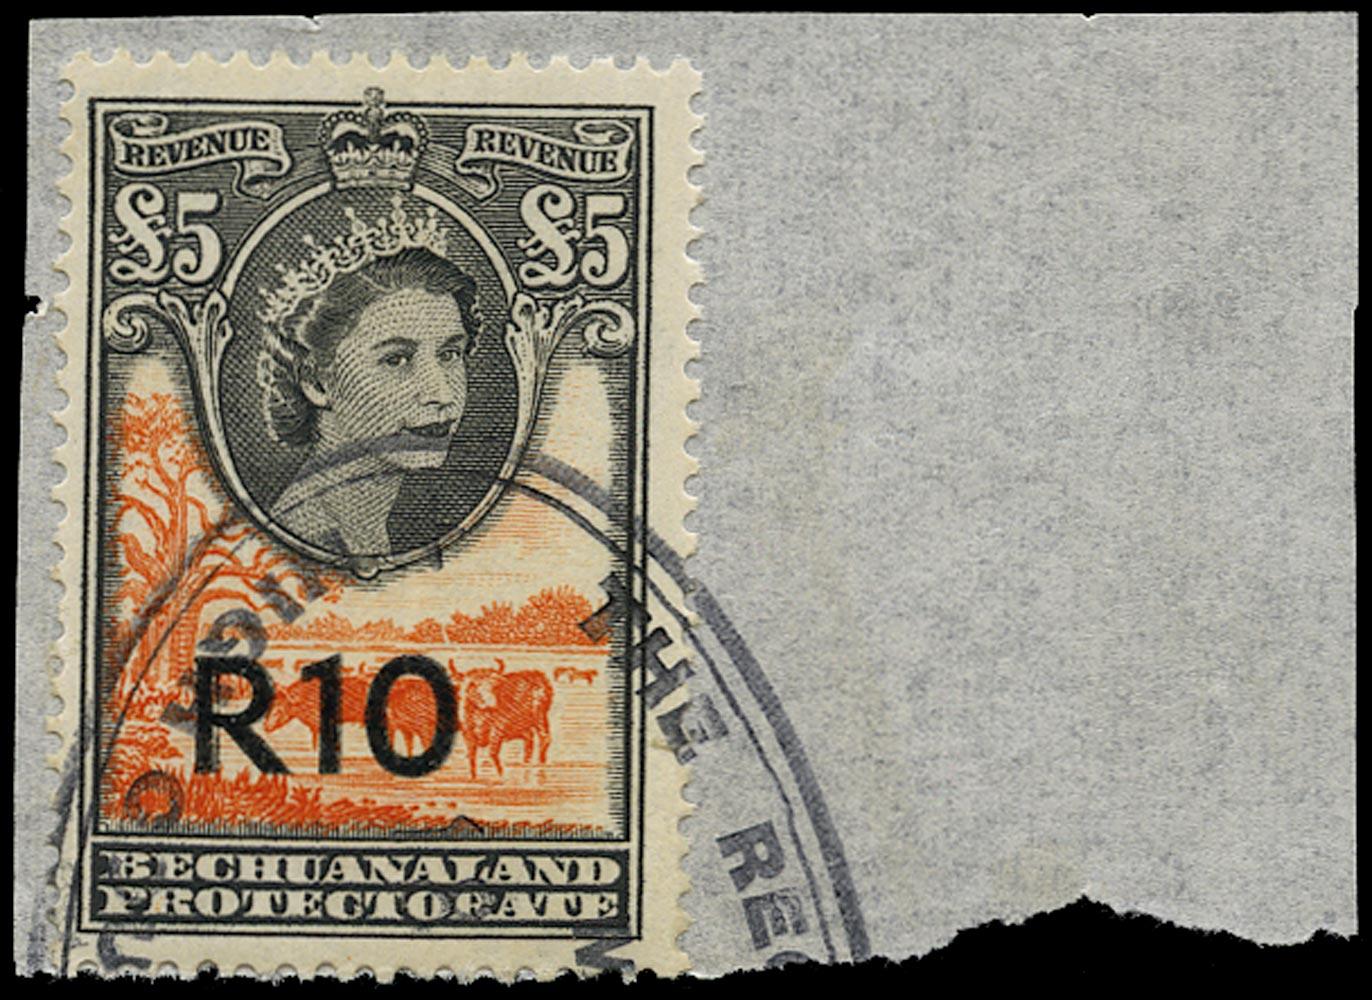 BECHUANALAND 1961 Revenue